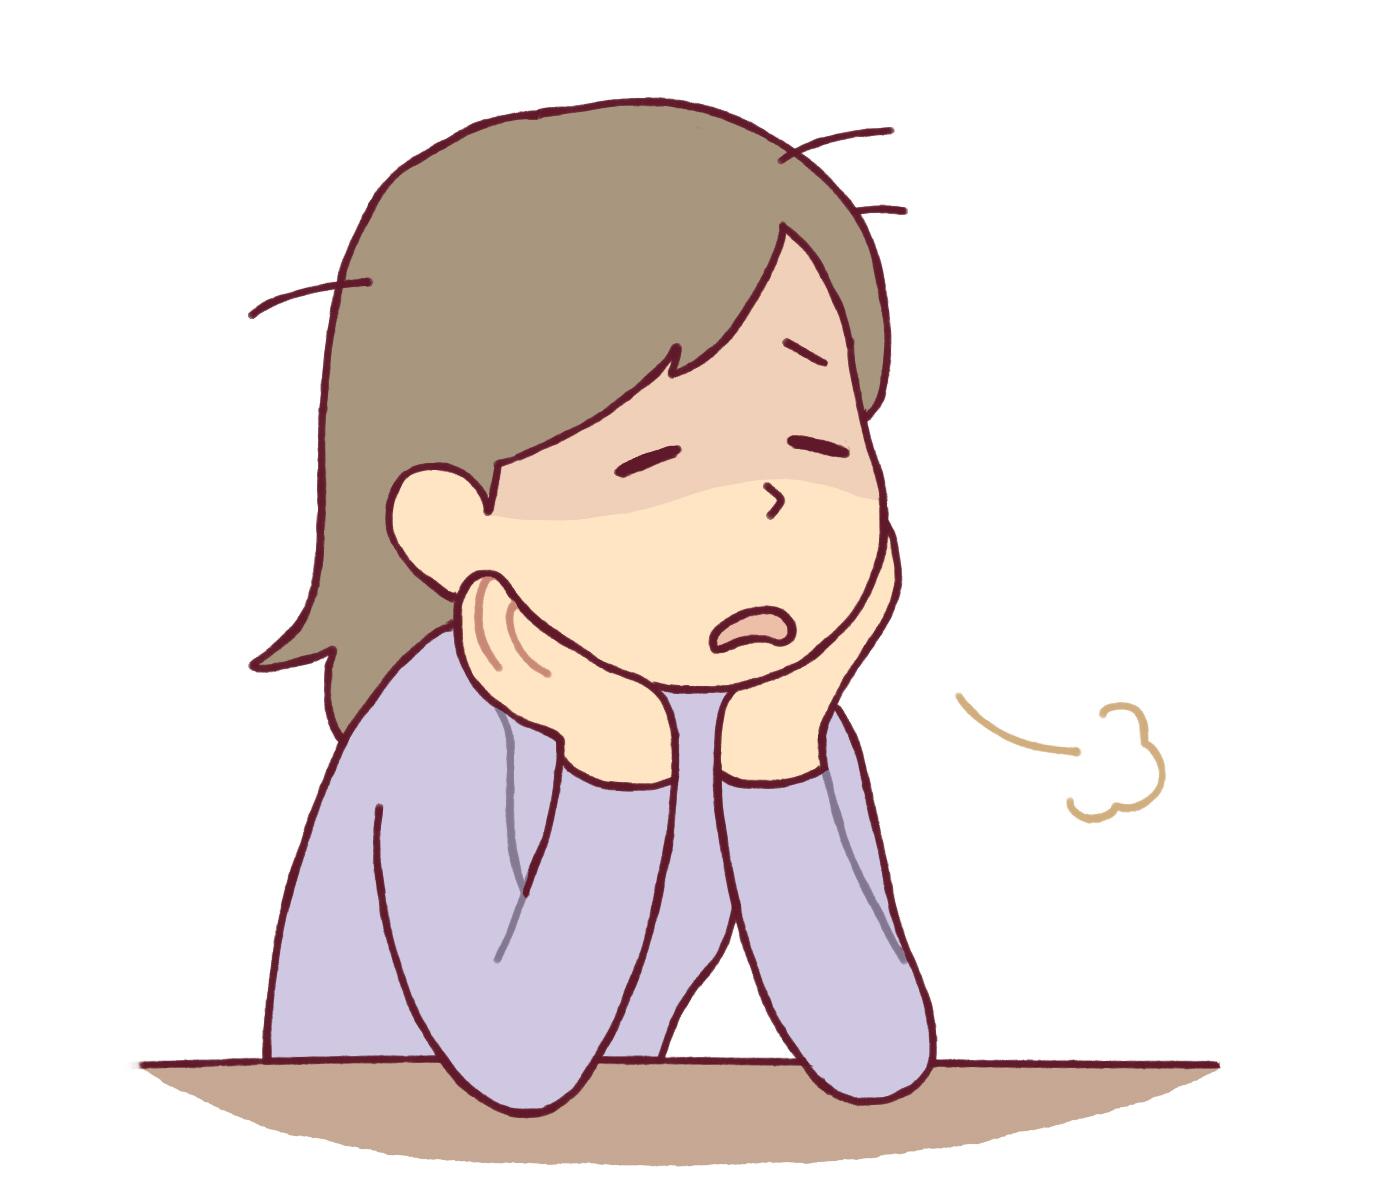 動悸や吐き気は自律神経失調症?交感神経と副交感神経のバランス